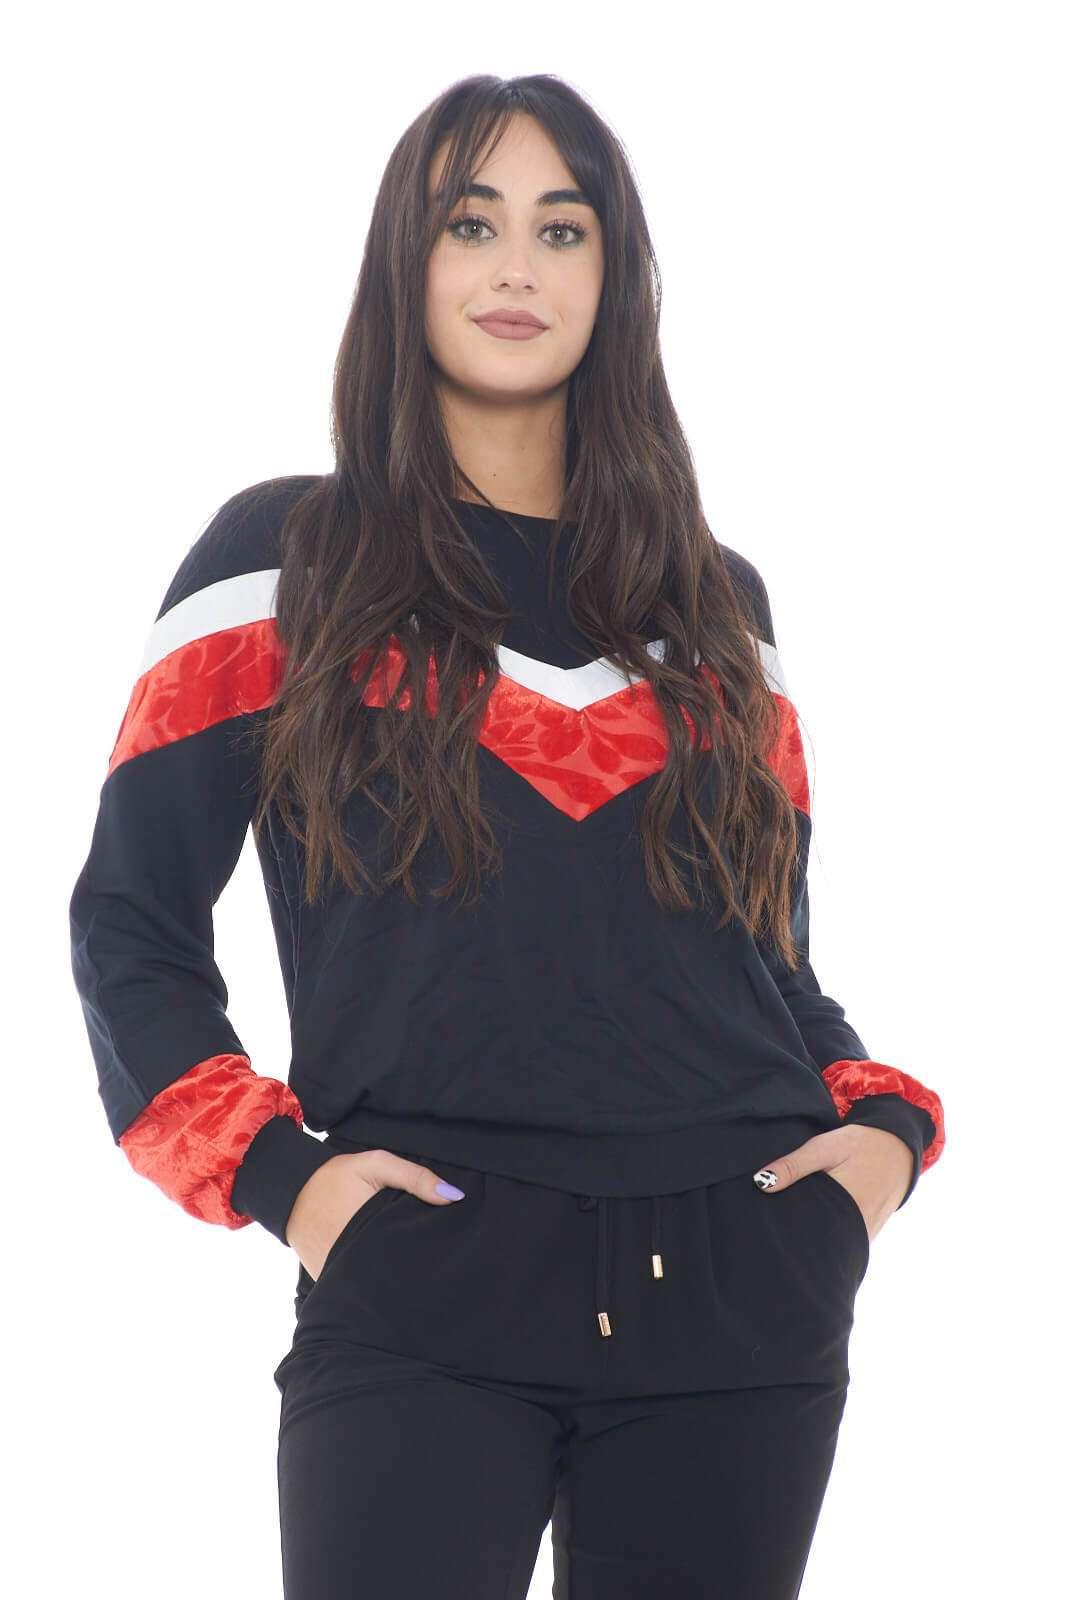 Una fantasia colorblock dai contrasti di tessuti per la nuova felpa proposta per la collezione donna Liu Jo Sport. Da abbinare con gli outfit informali, è un'ottima soluzione da abbinare con jeans o con pantaloni sportivi. La ciniglia e il cotone si sposano per unire comodità e stile.